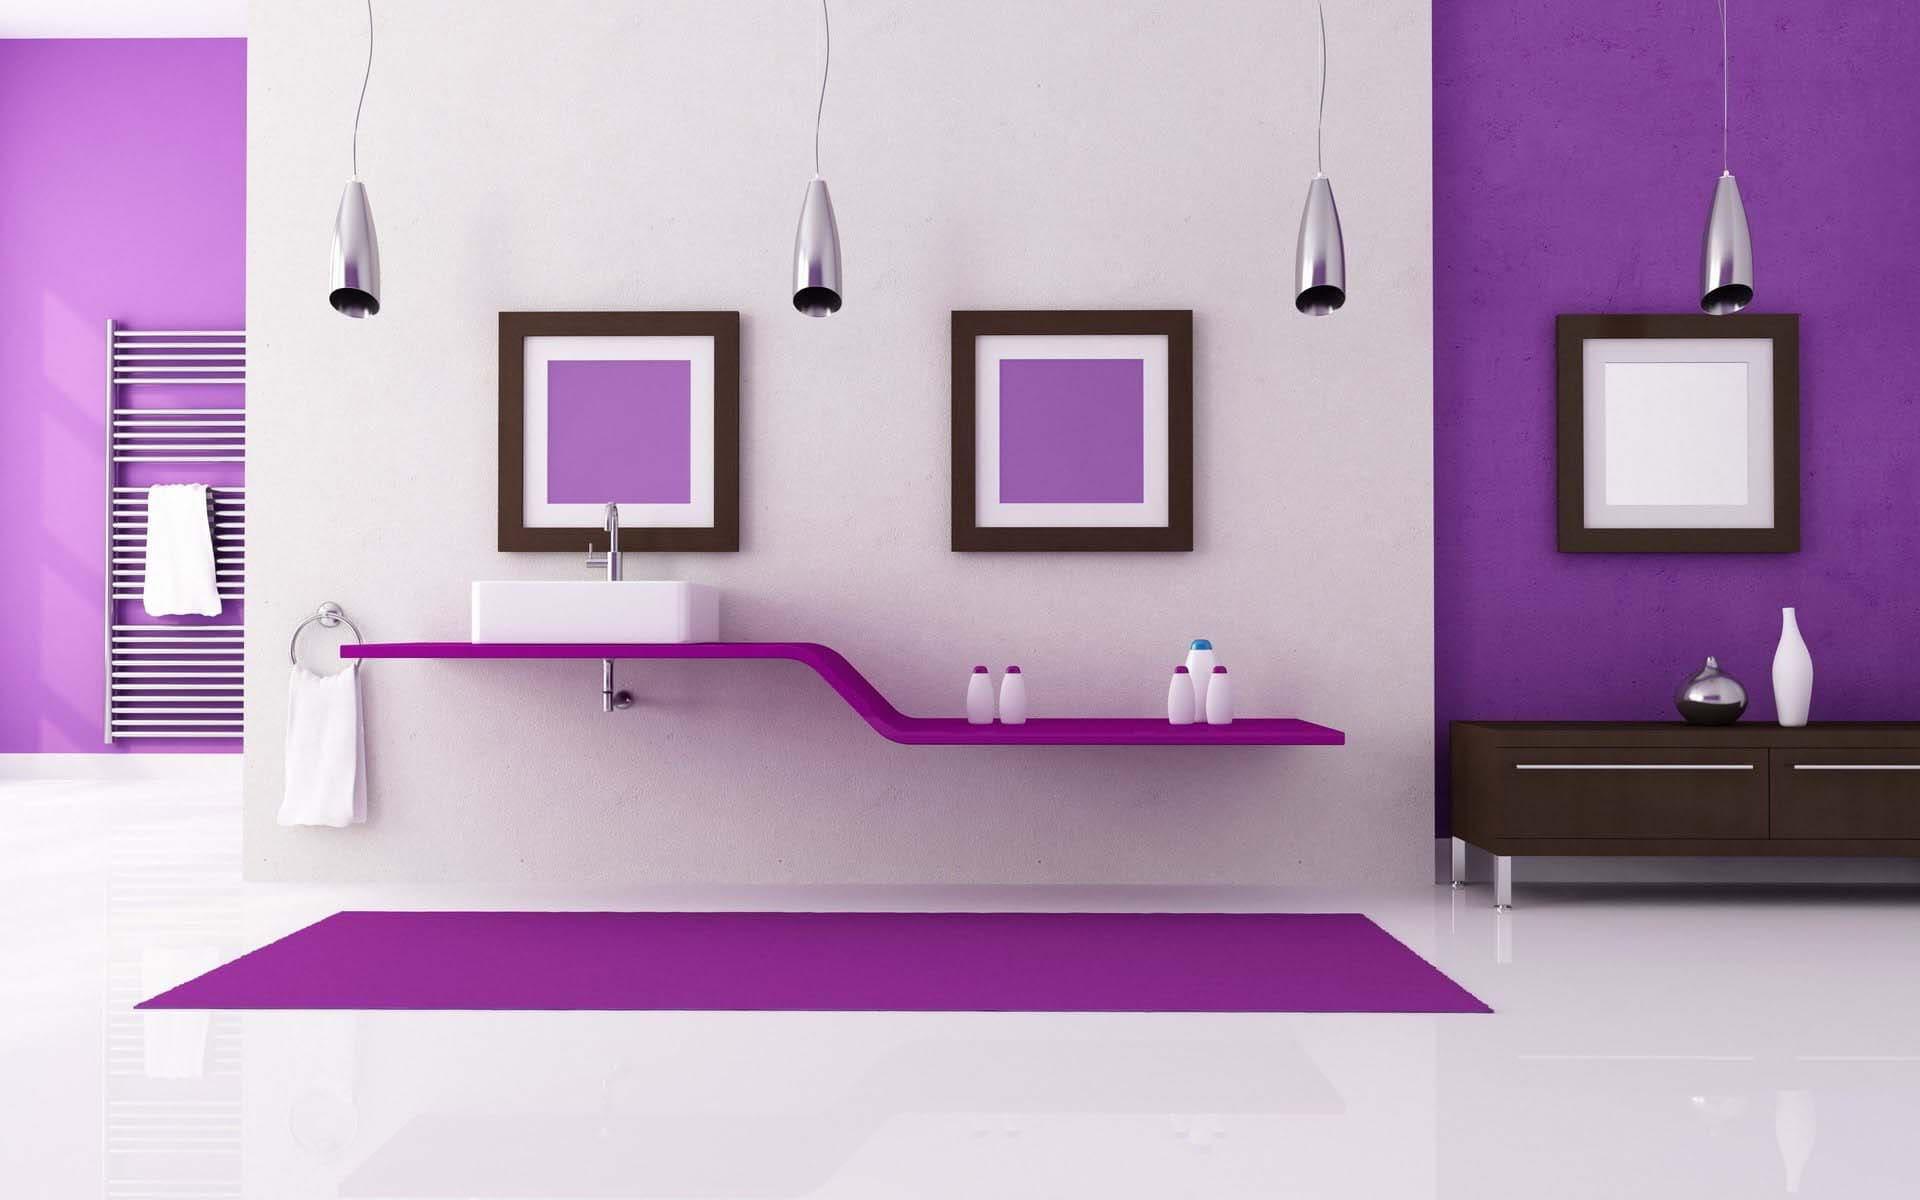 цвет стен в квартире как выбрать